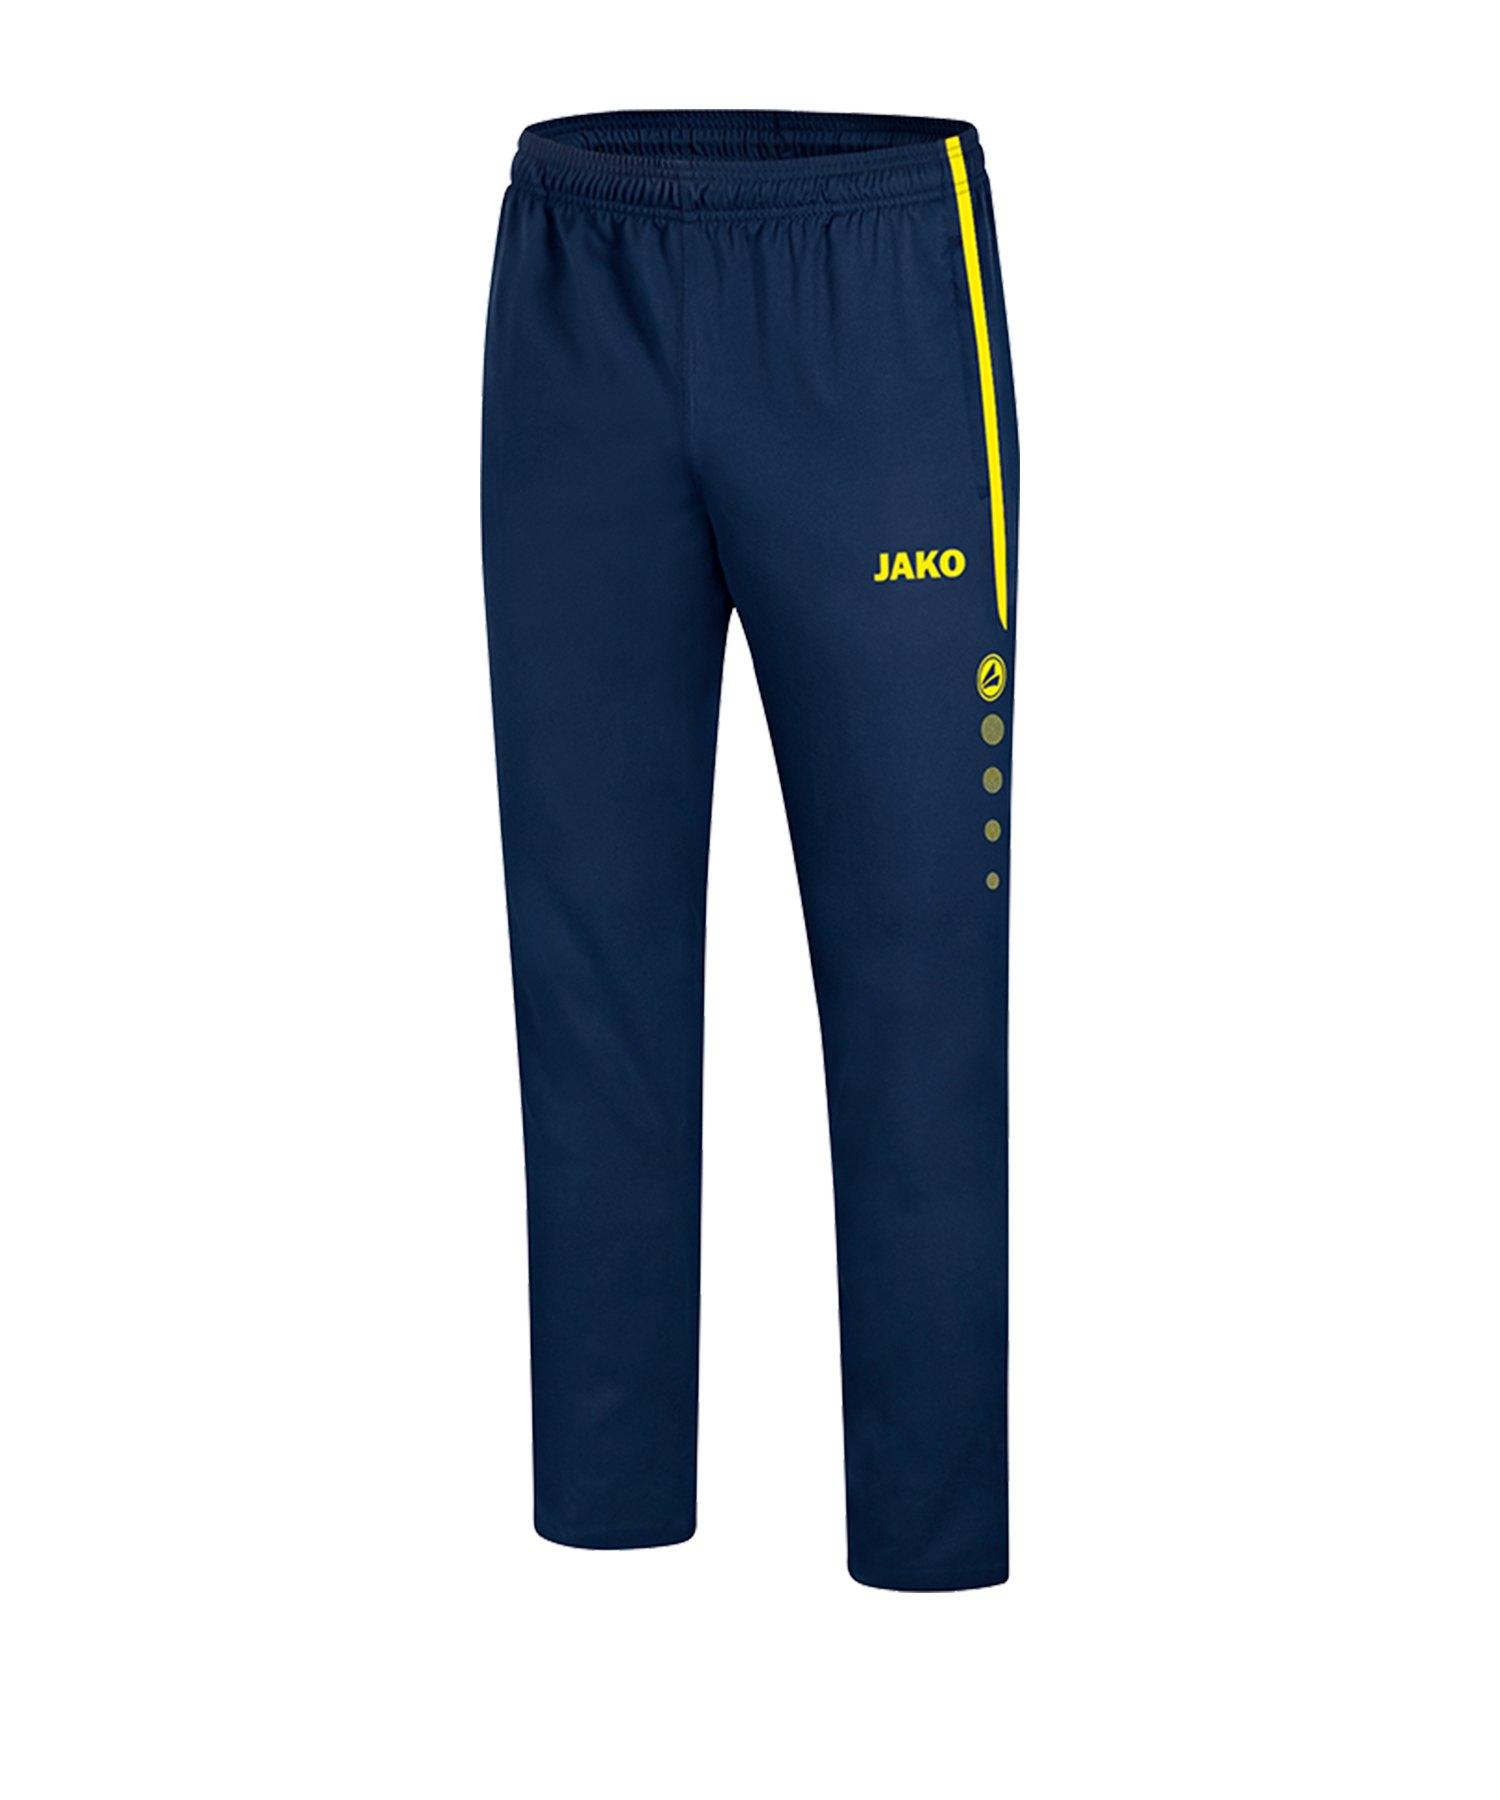 Jako Striker 2.0 Präsentationshose Blau Gelb F89 - Blau